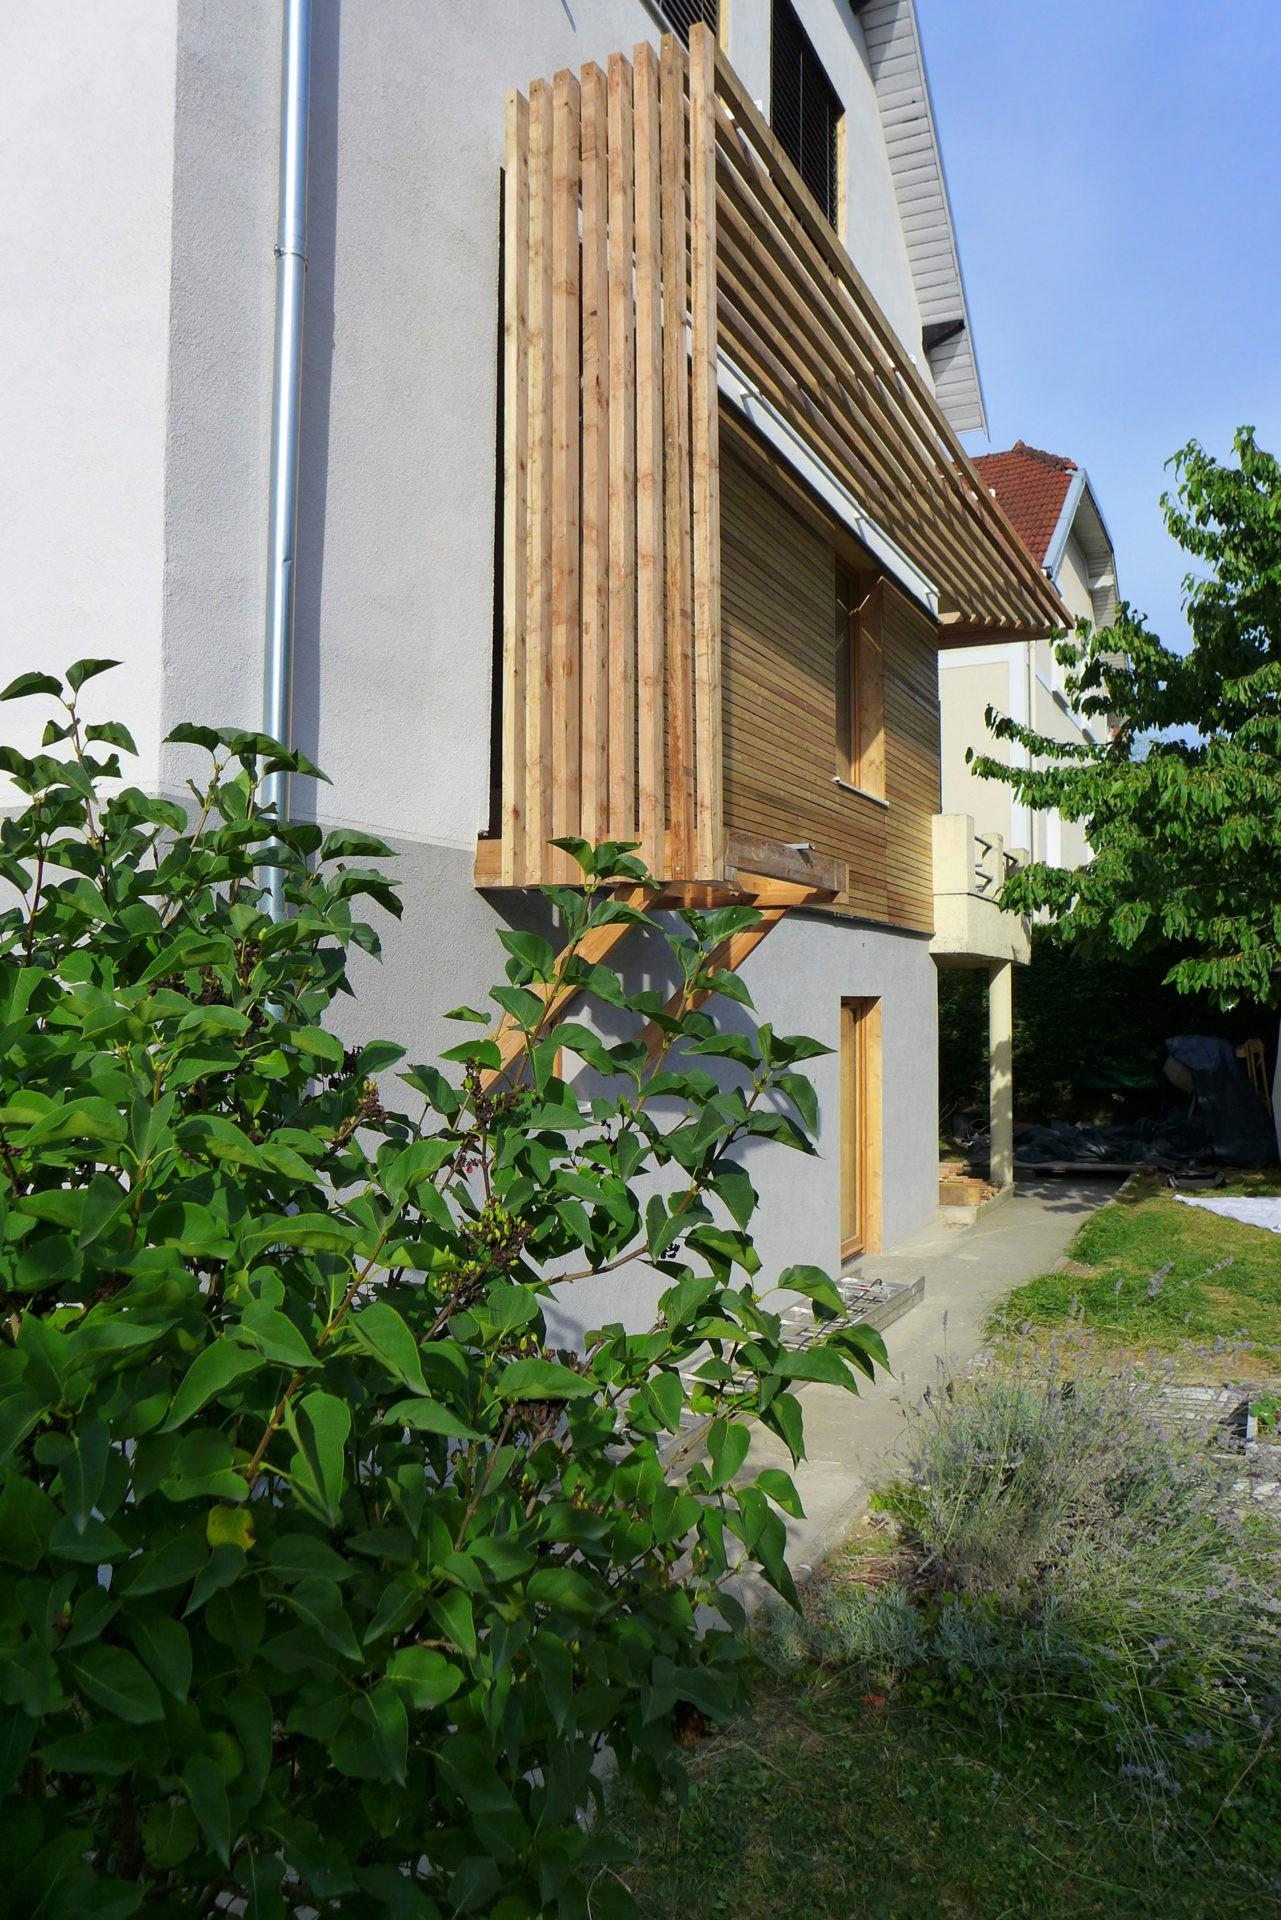 asb-architecture-savoie-chambery-renovation-maison-de-ville-bois-enduit-7